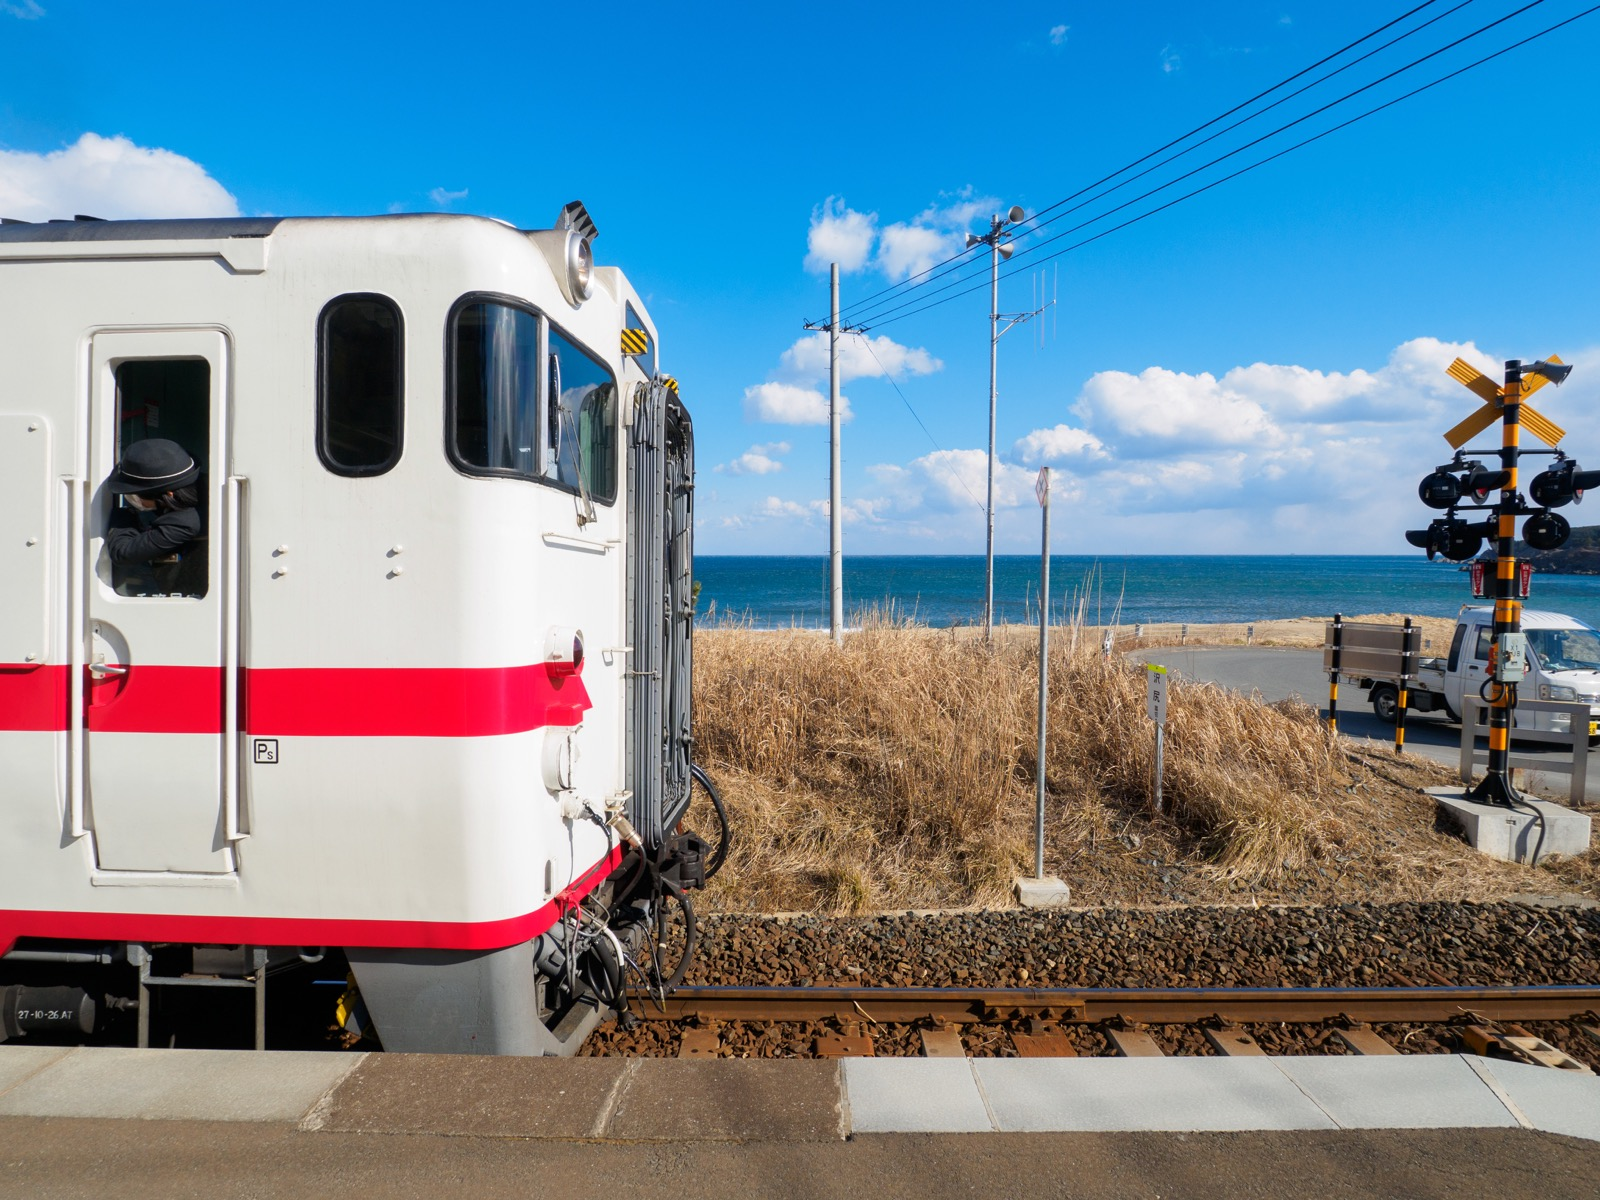 有家駅に停まる列車と太平洋